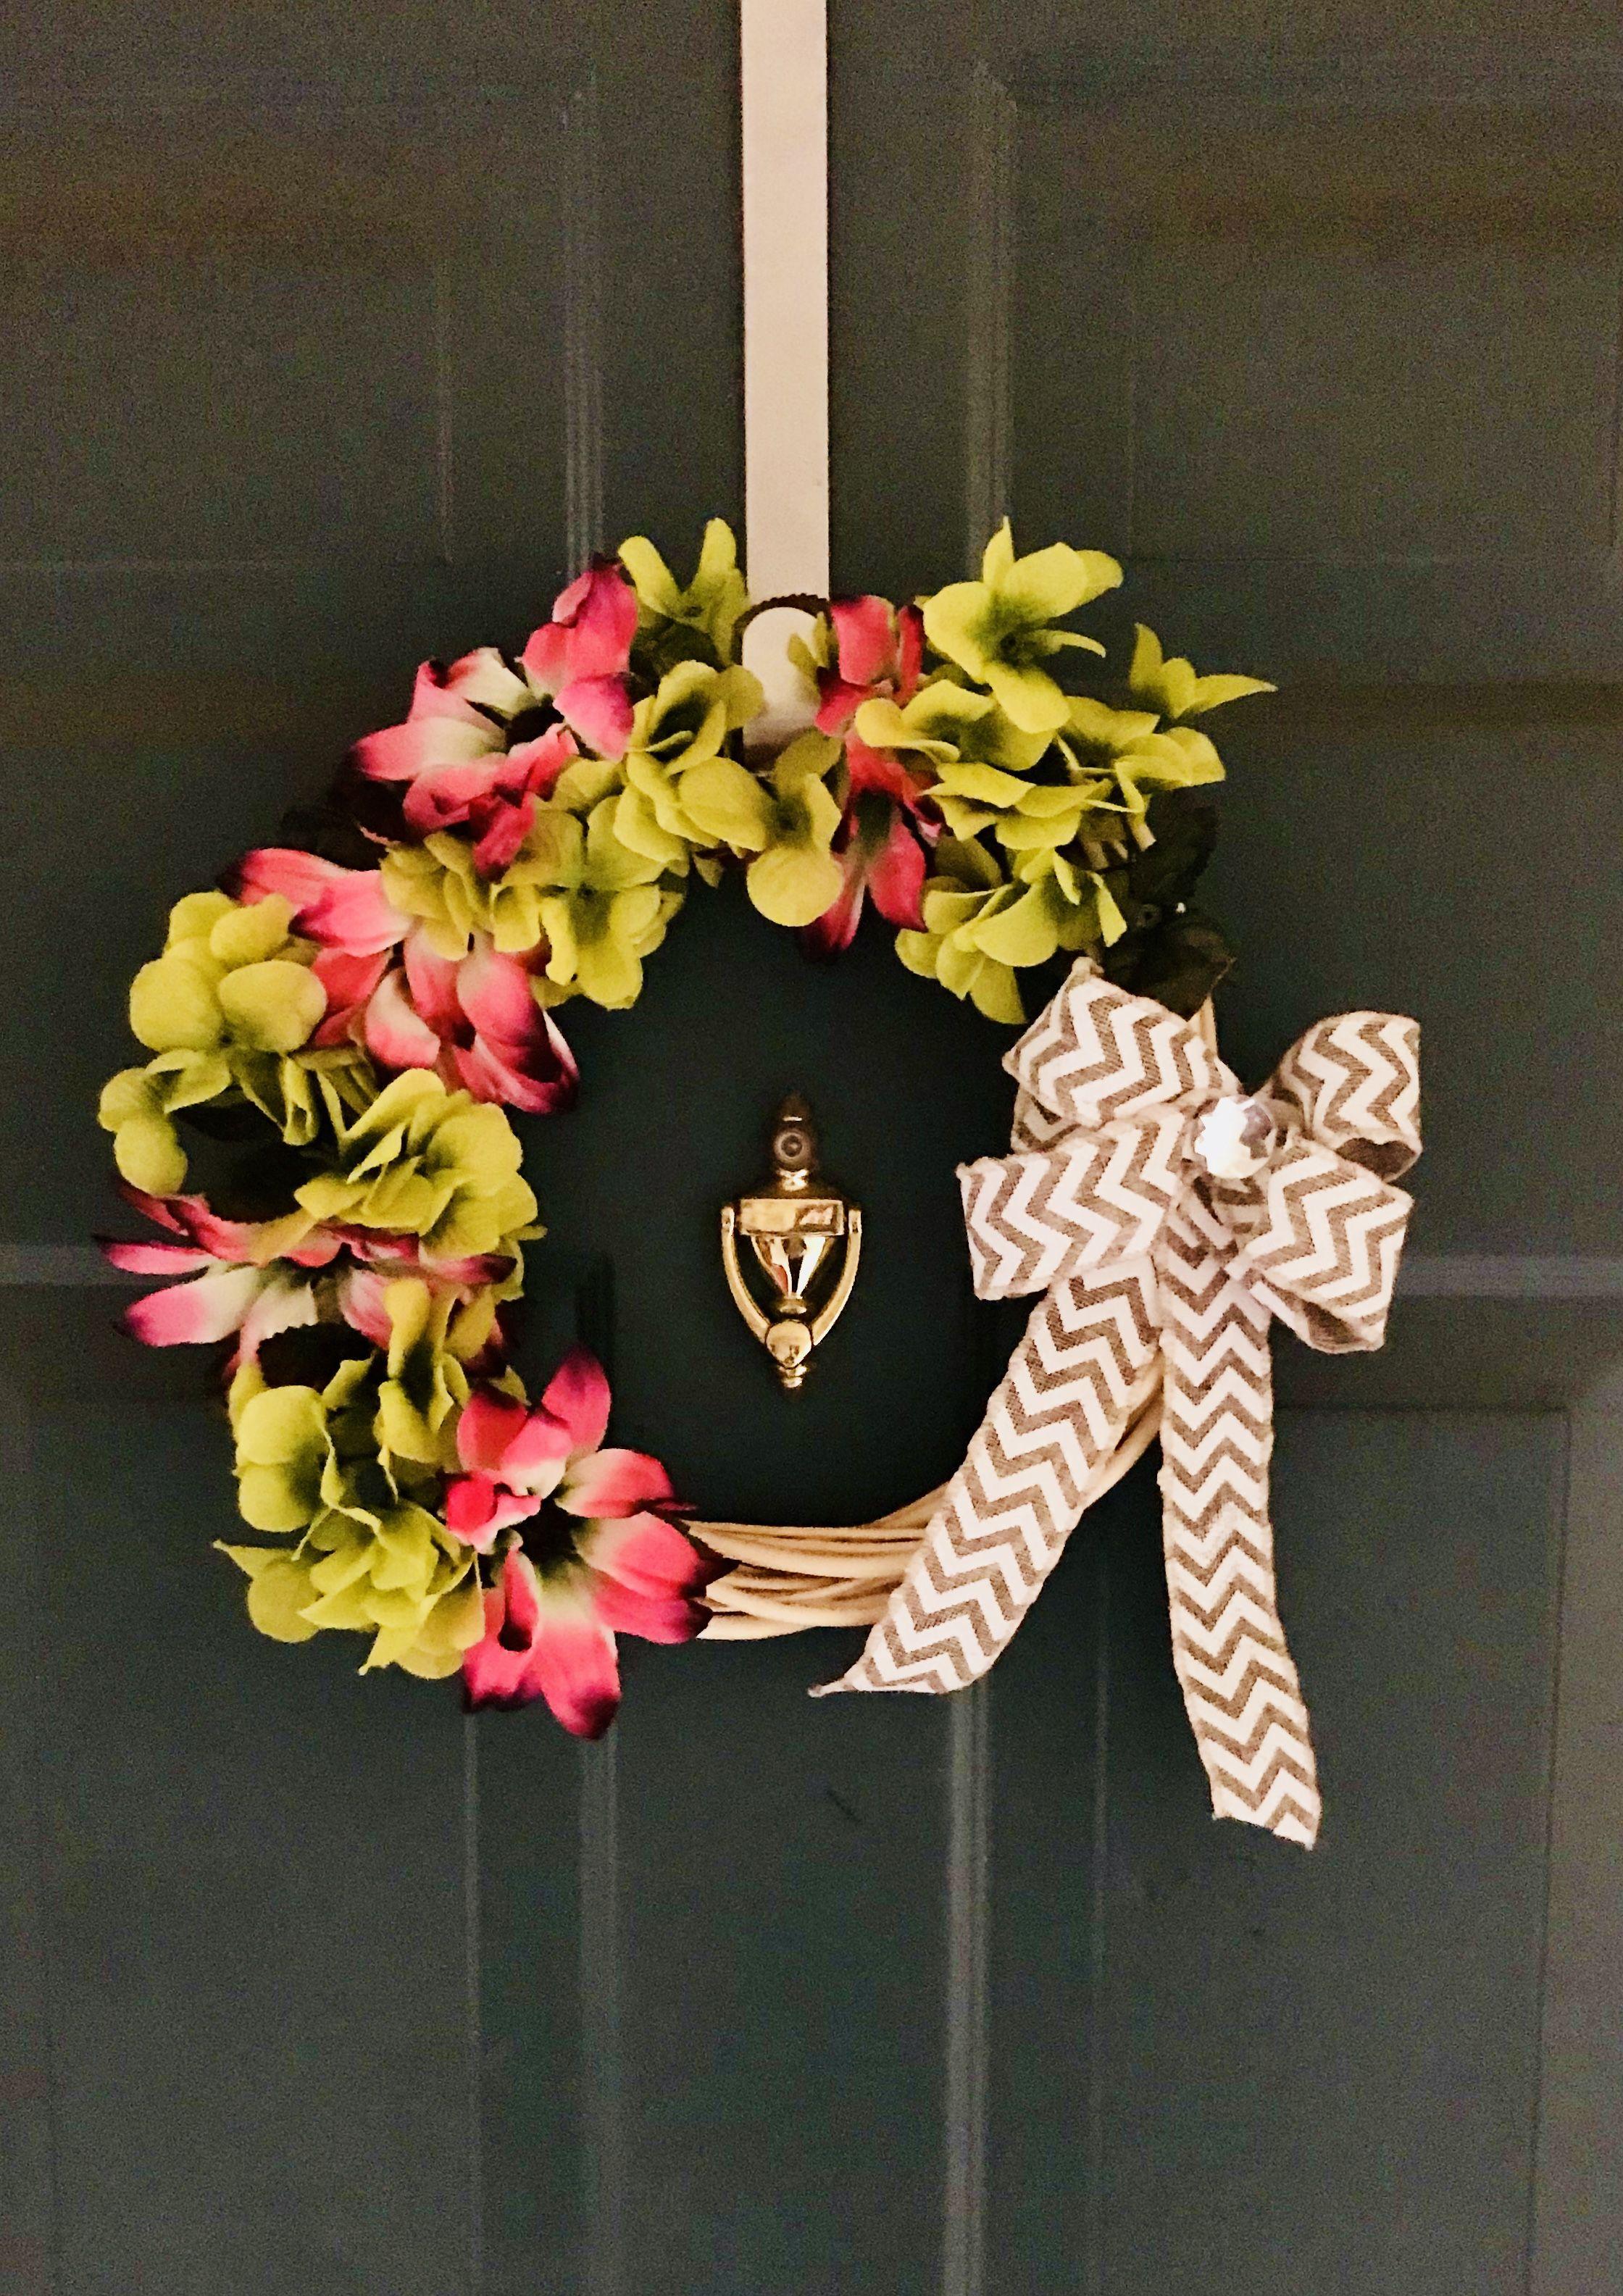 DIY Wreath Dollar Tree Diy wreath, Floral wreath, Wreaths